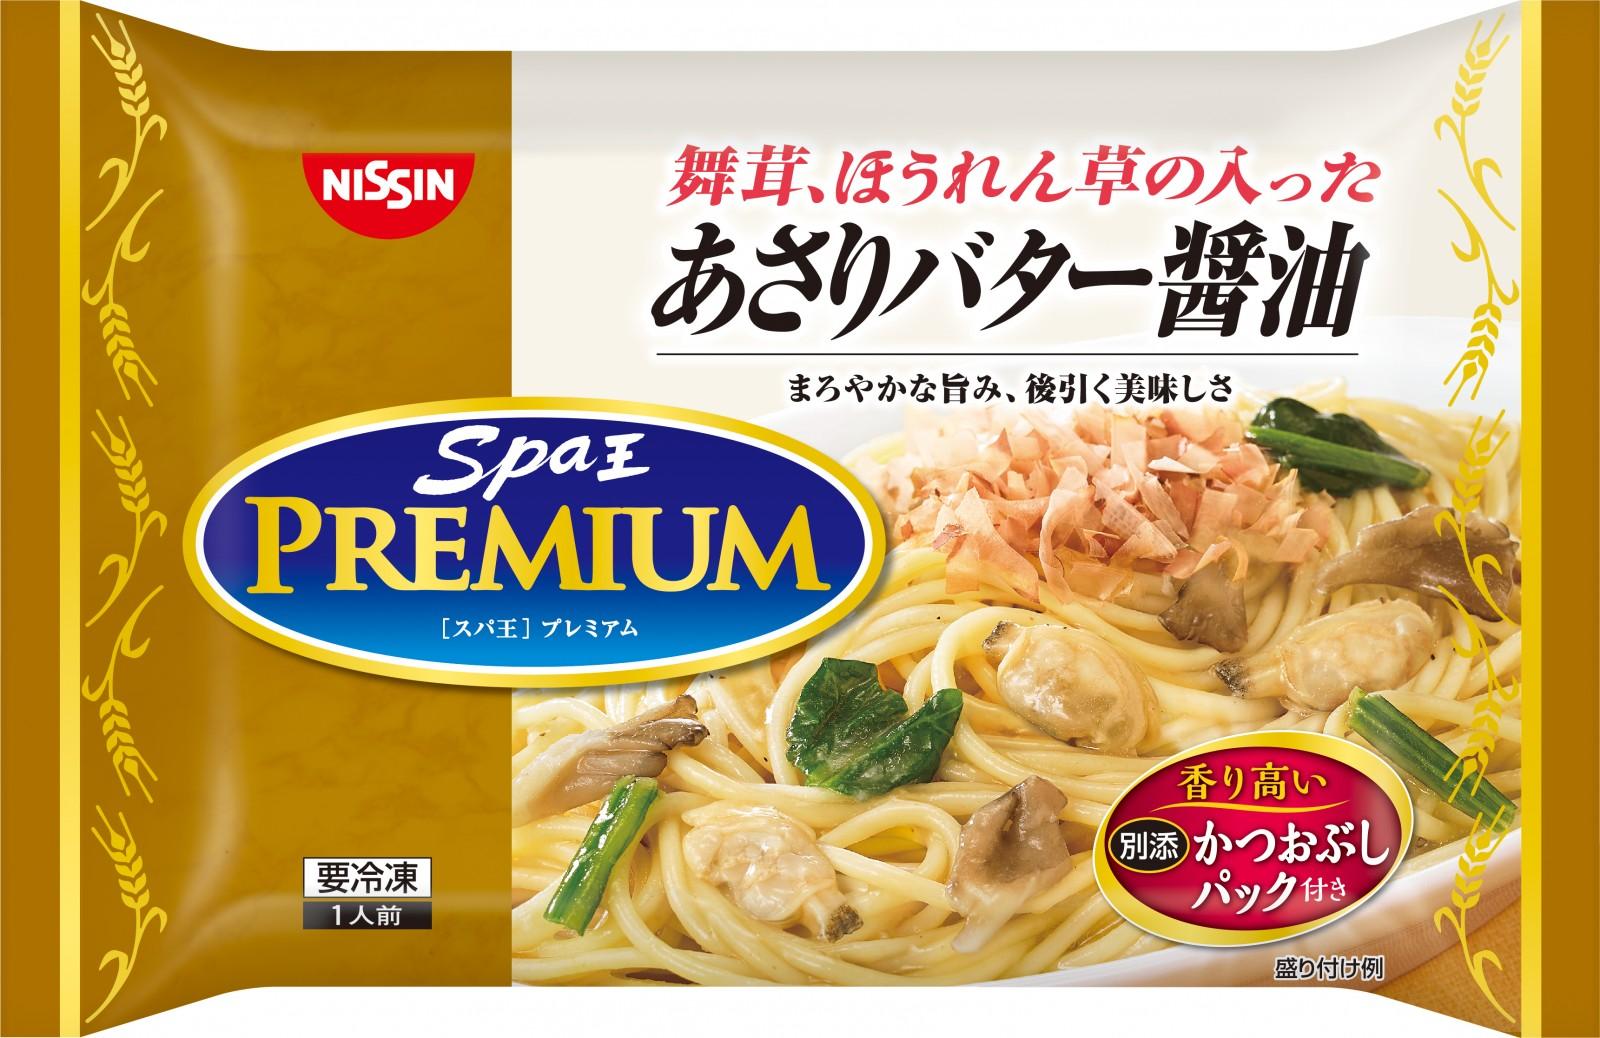 日清の『スパ王』プレミアムに「あさりバター醤油」と「トマト&チーズ」、BIGは「じゃがバタチキン」